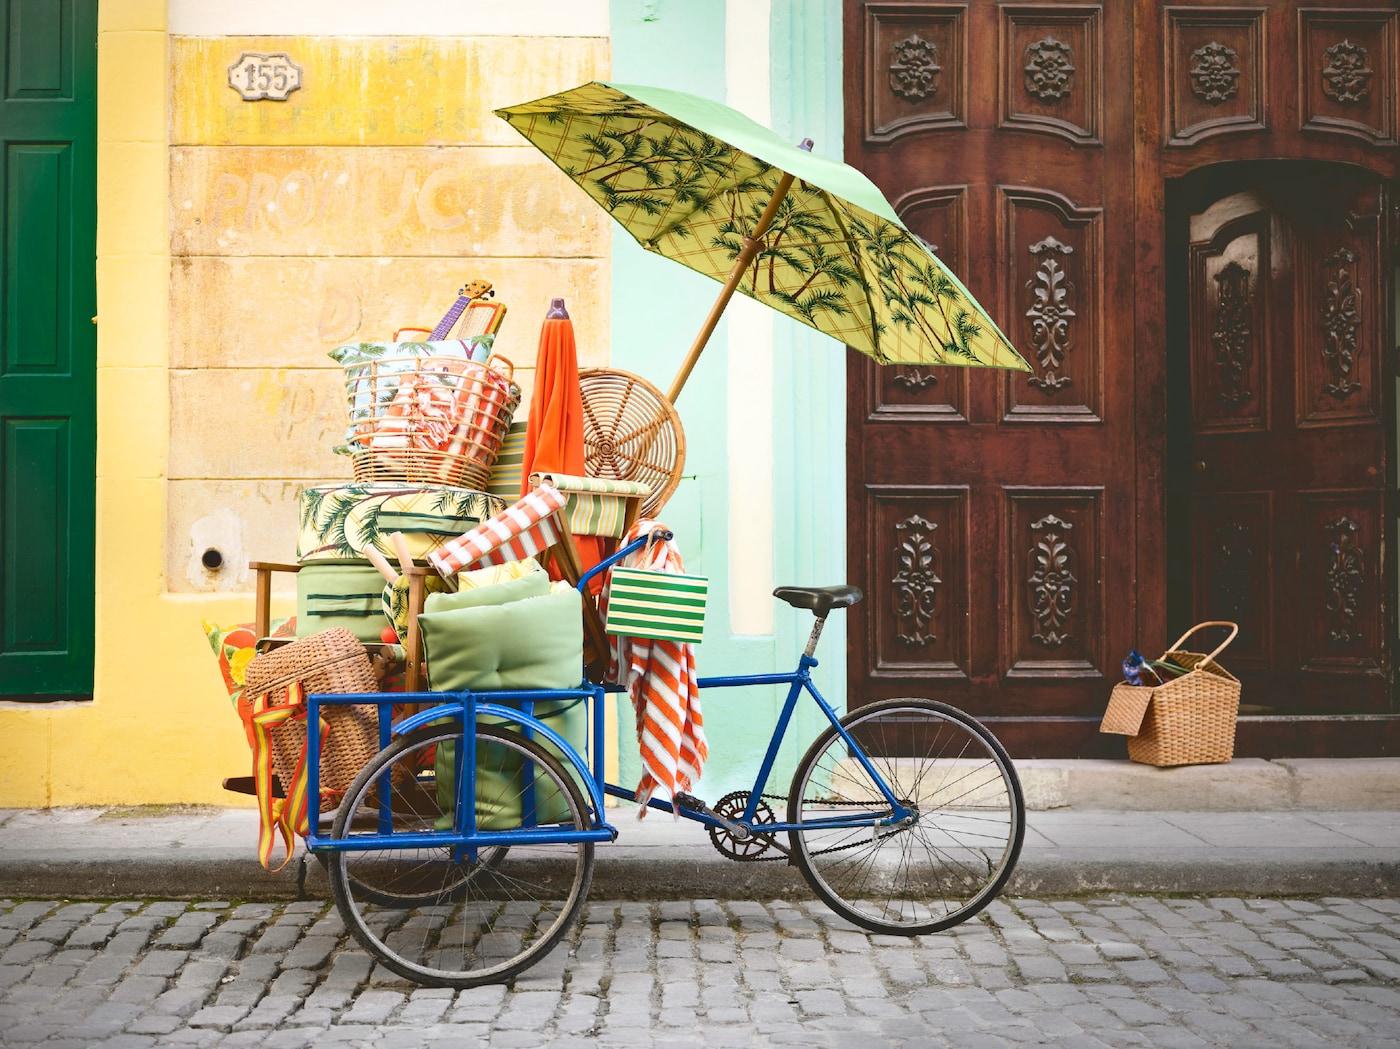 Kék bicikli áll egy macskaköves úton, strandbútorokkal az IKEA SOLBLEKT kollekcióból.